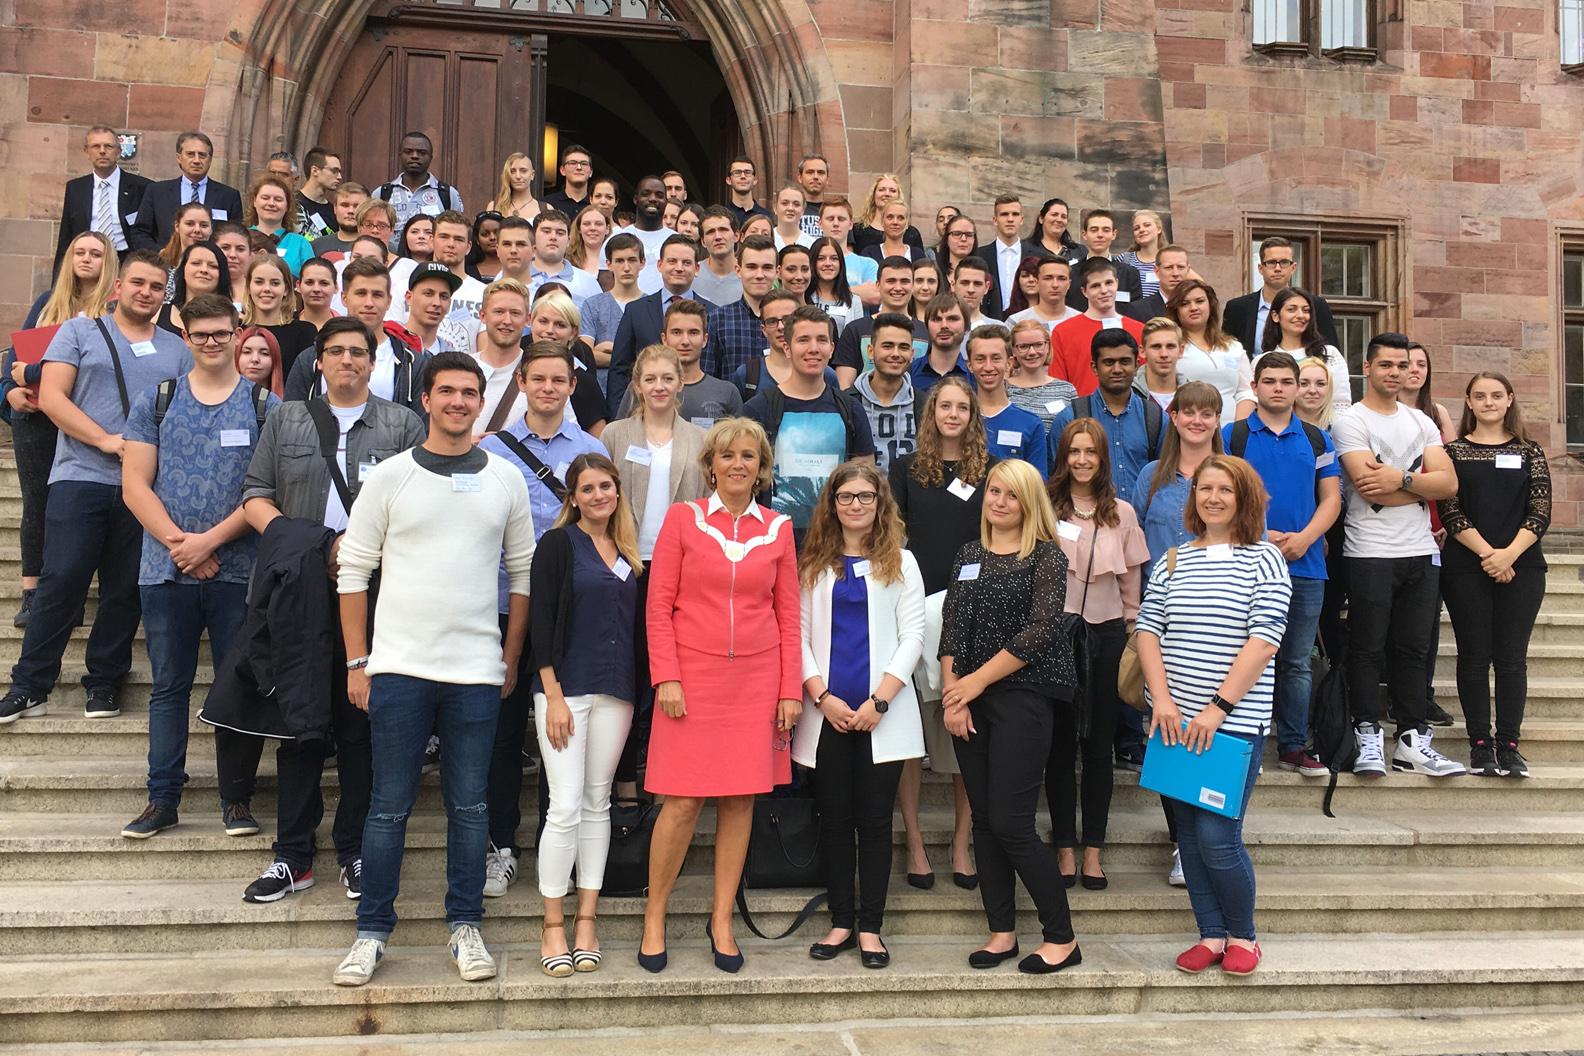 Gruppenfoto der neuen Auszubildenden vorm Rathaus am 5. September 2016